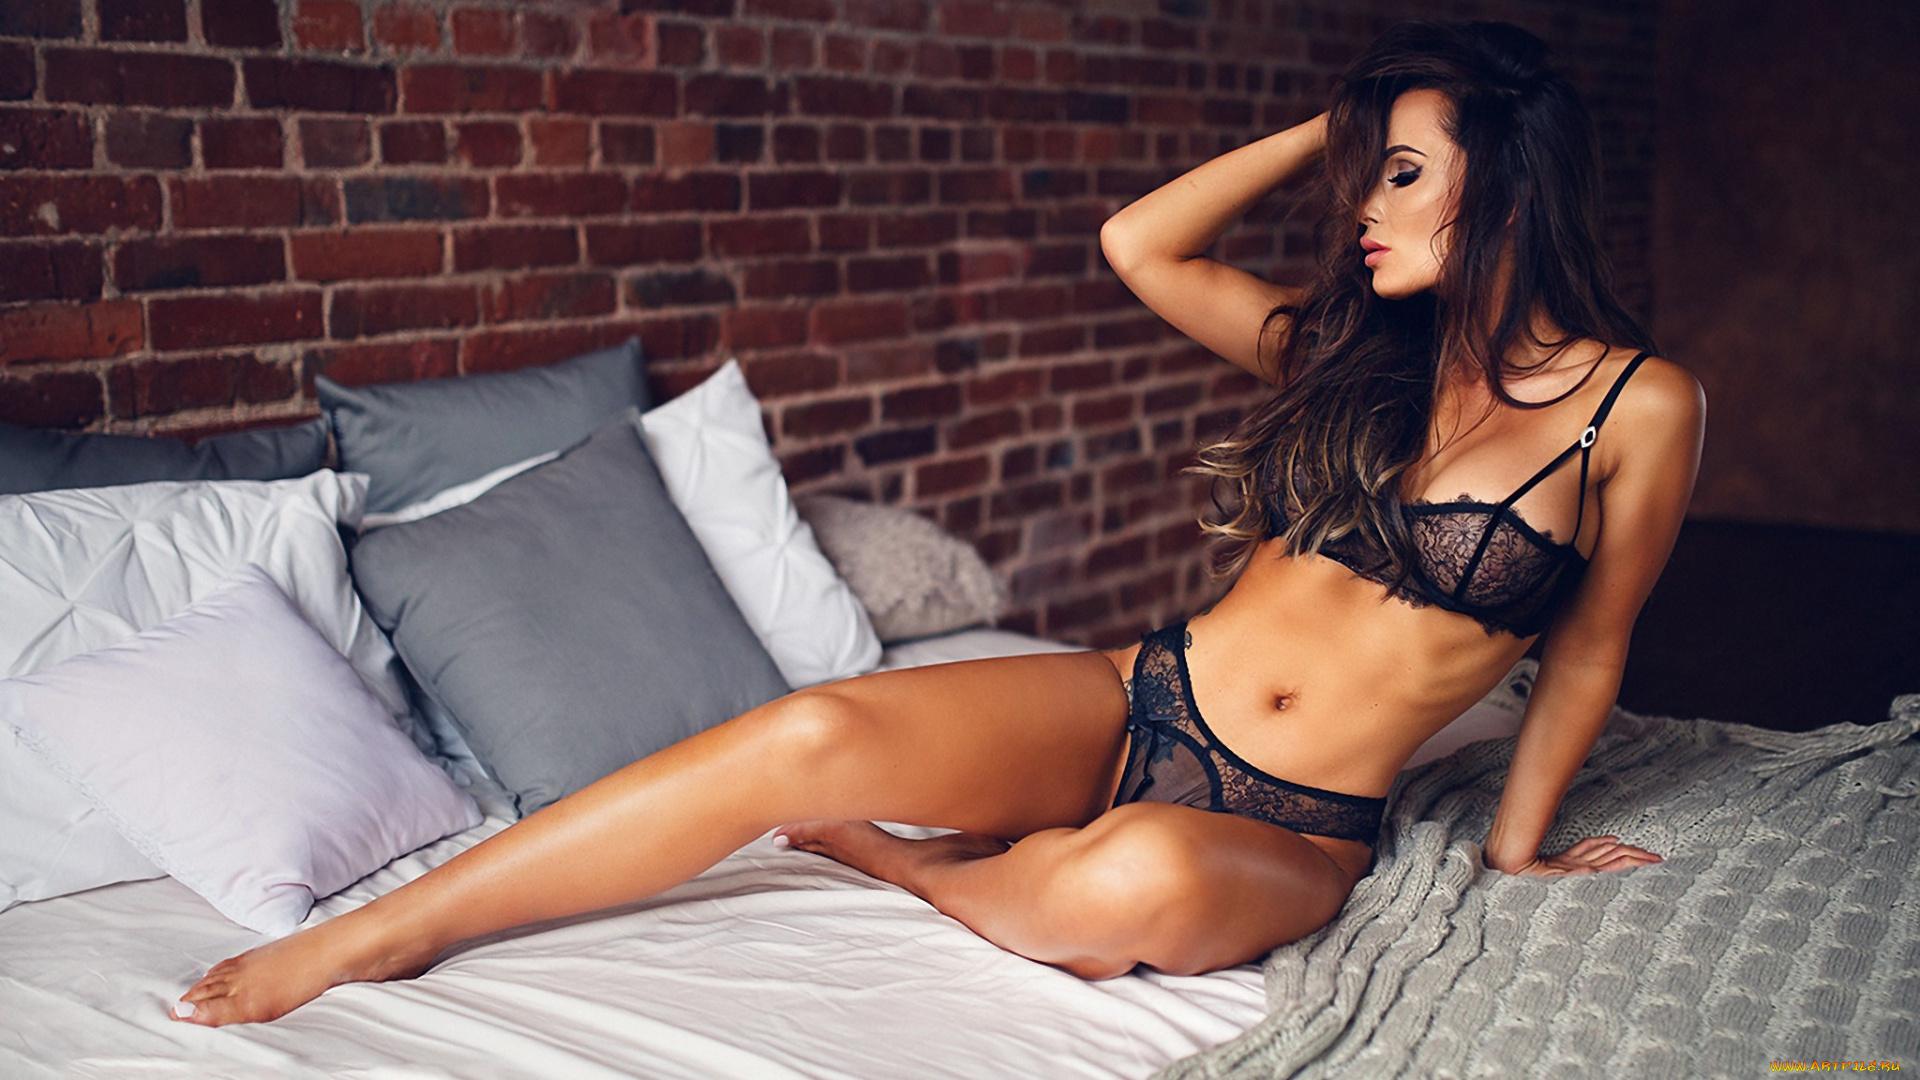 Порно с брюнетками в хорошем качестве от студии приват красавица любит